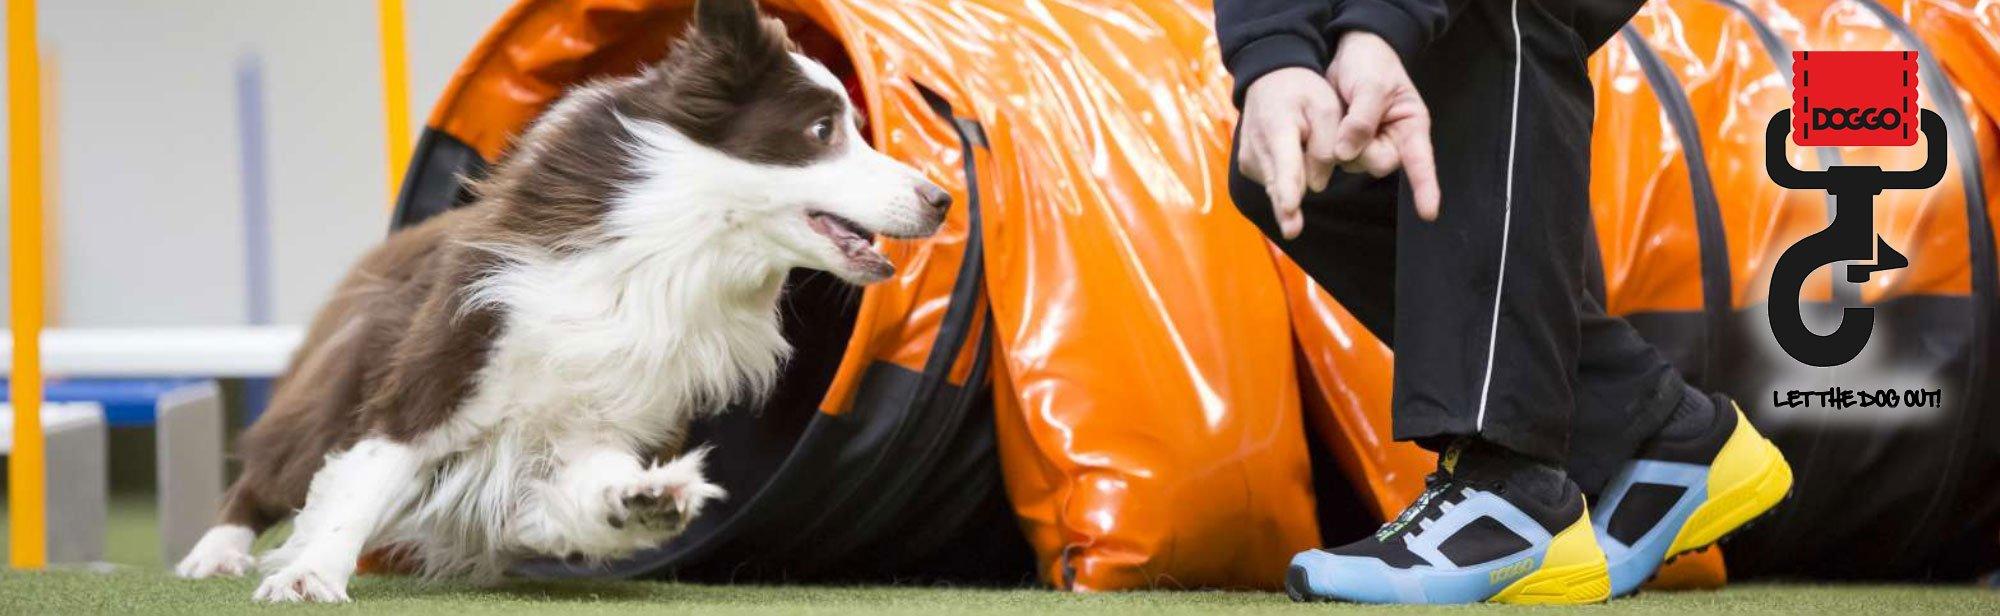 Doggo Onlineshop Gummistiefel, Bild 3